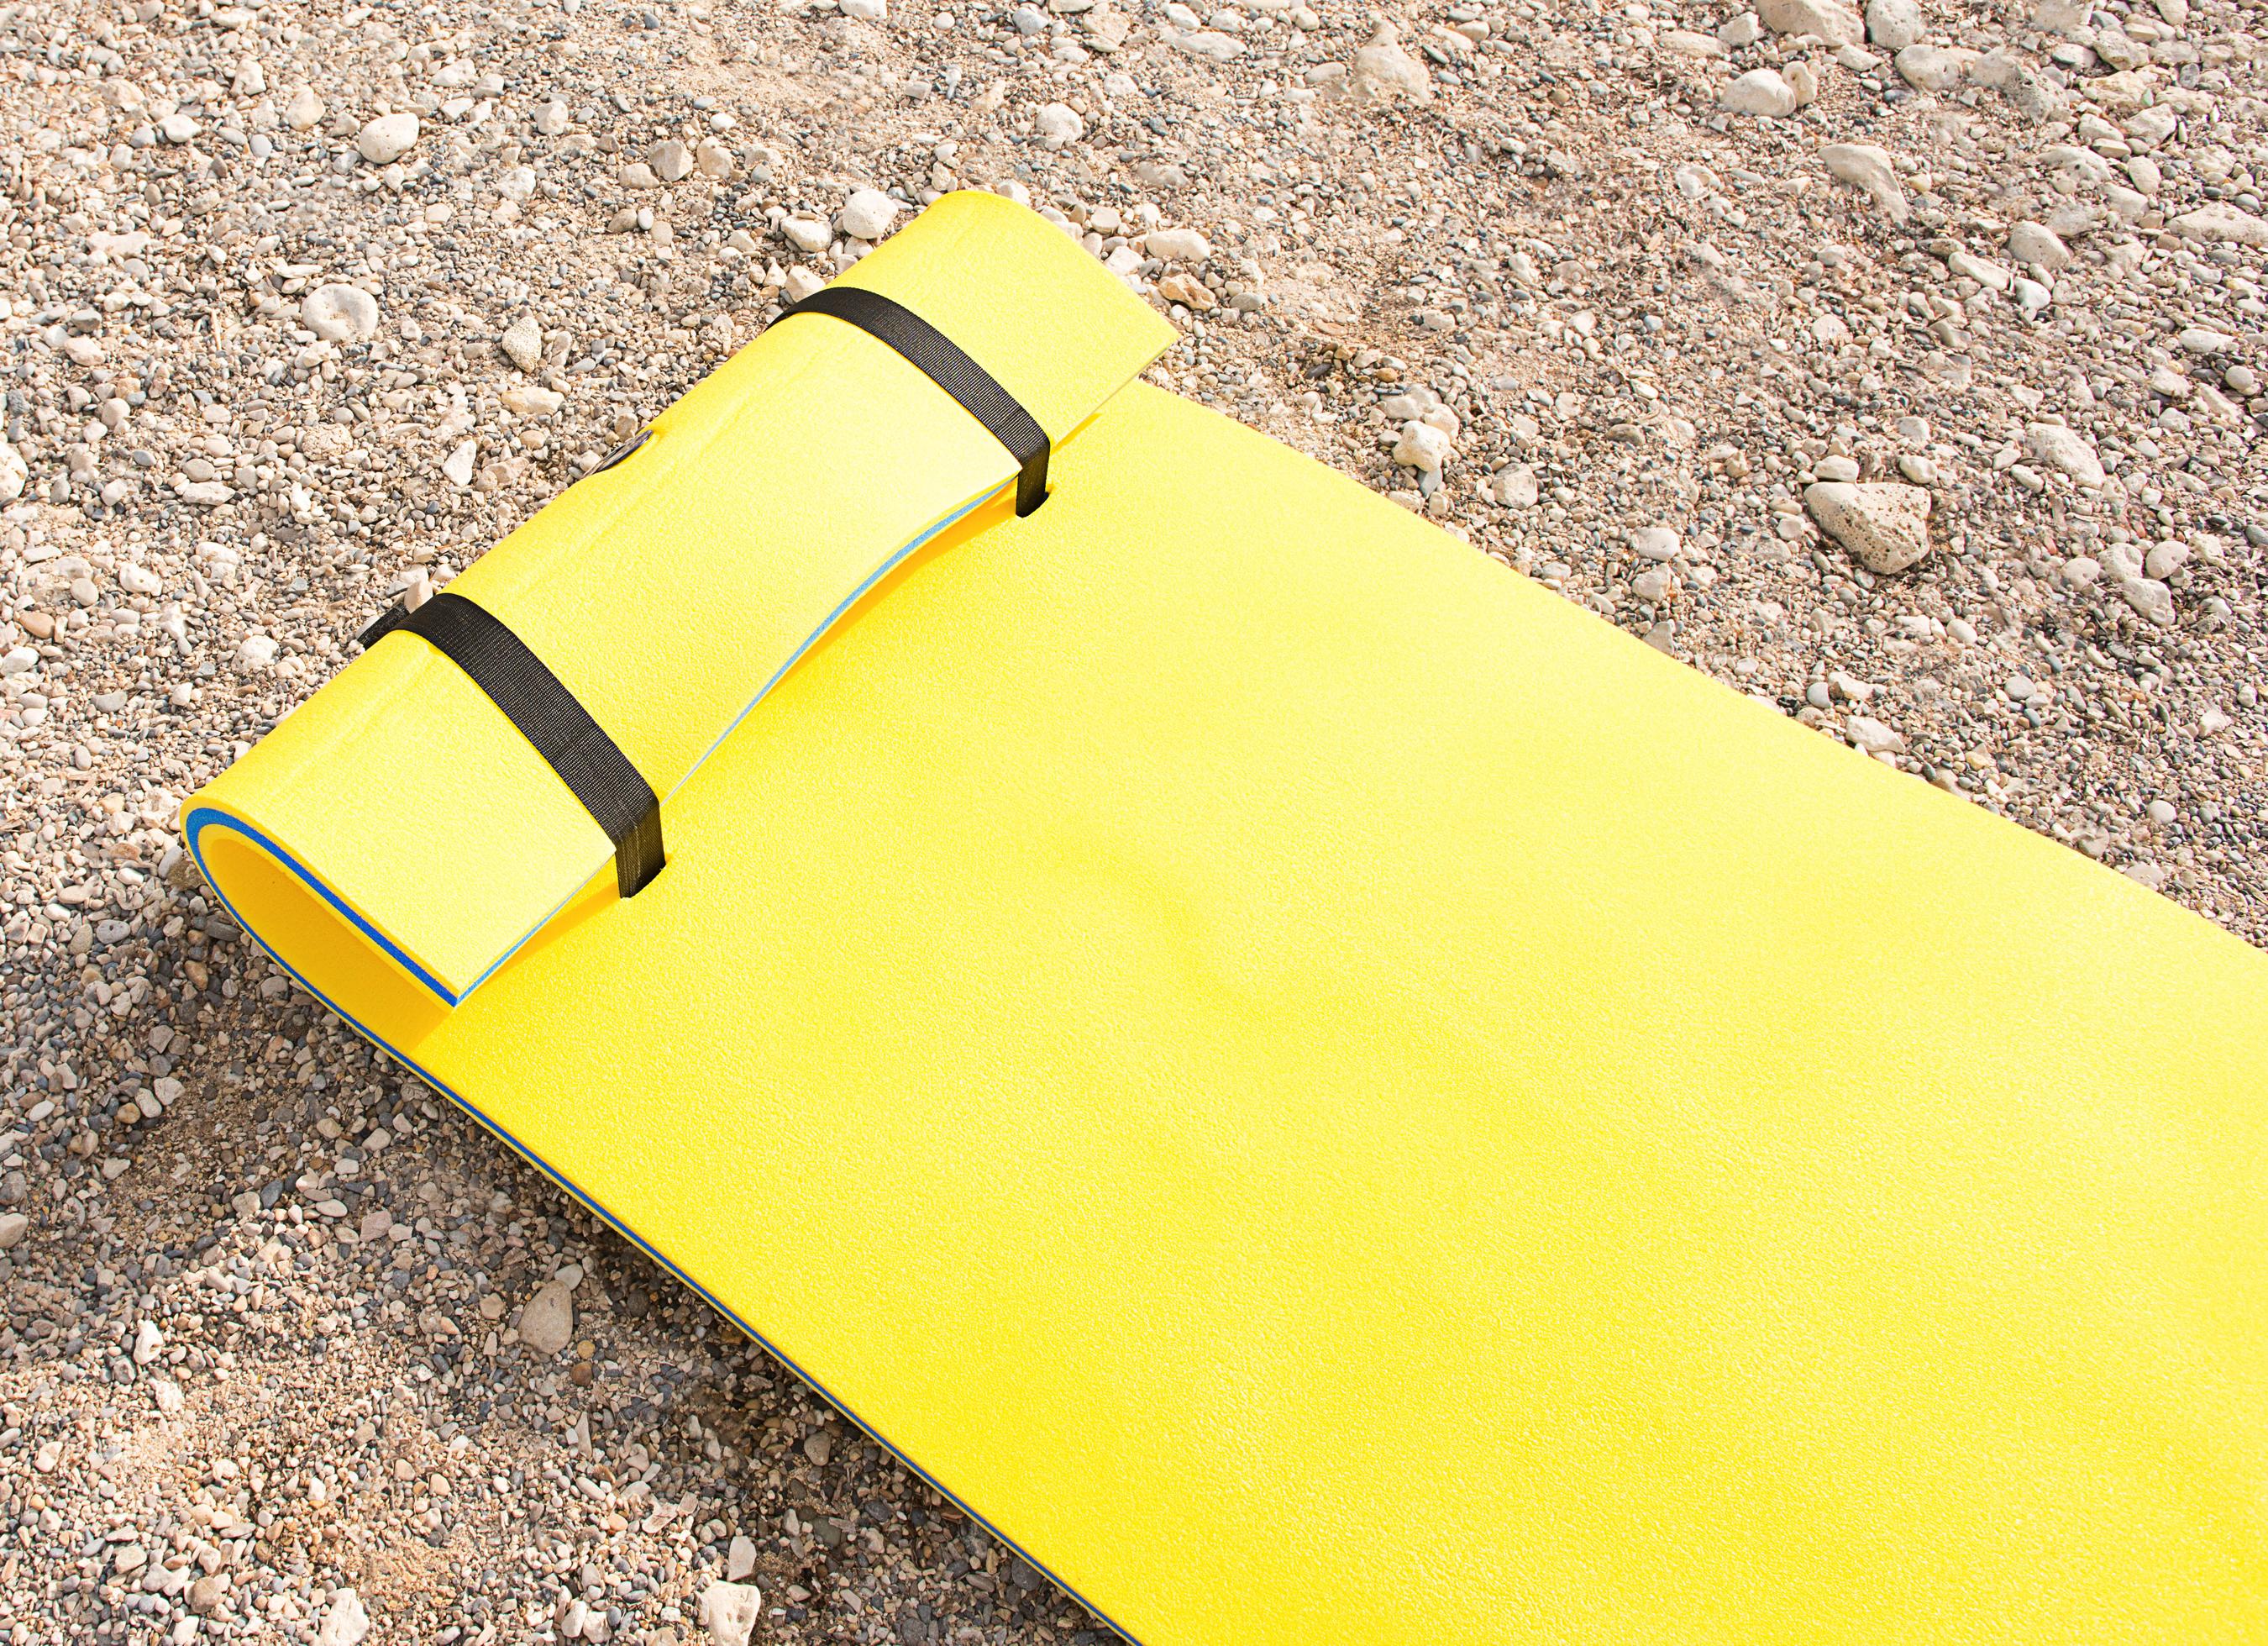 Wassermatte / Schwimmmatte S 260x90x3,5cm Bild 4